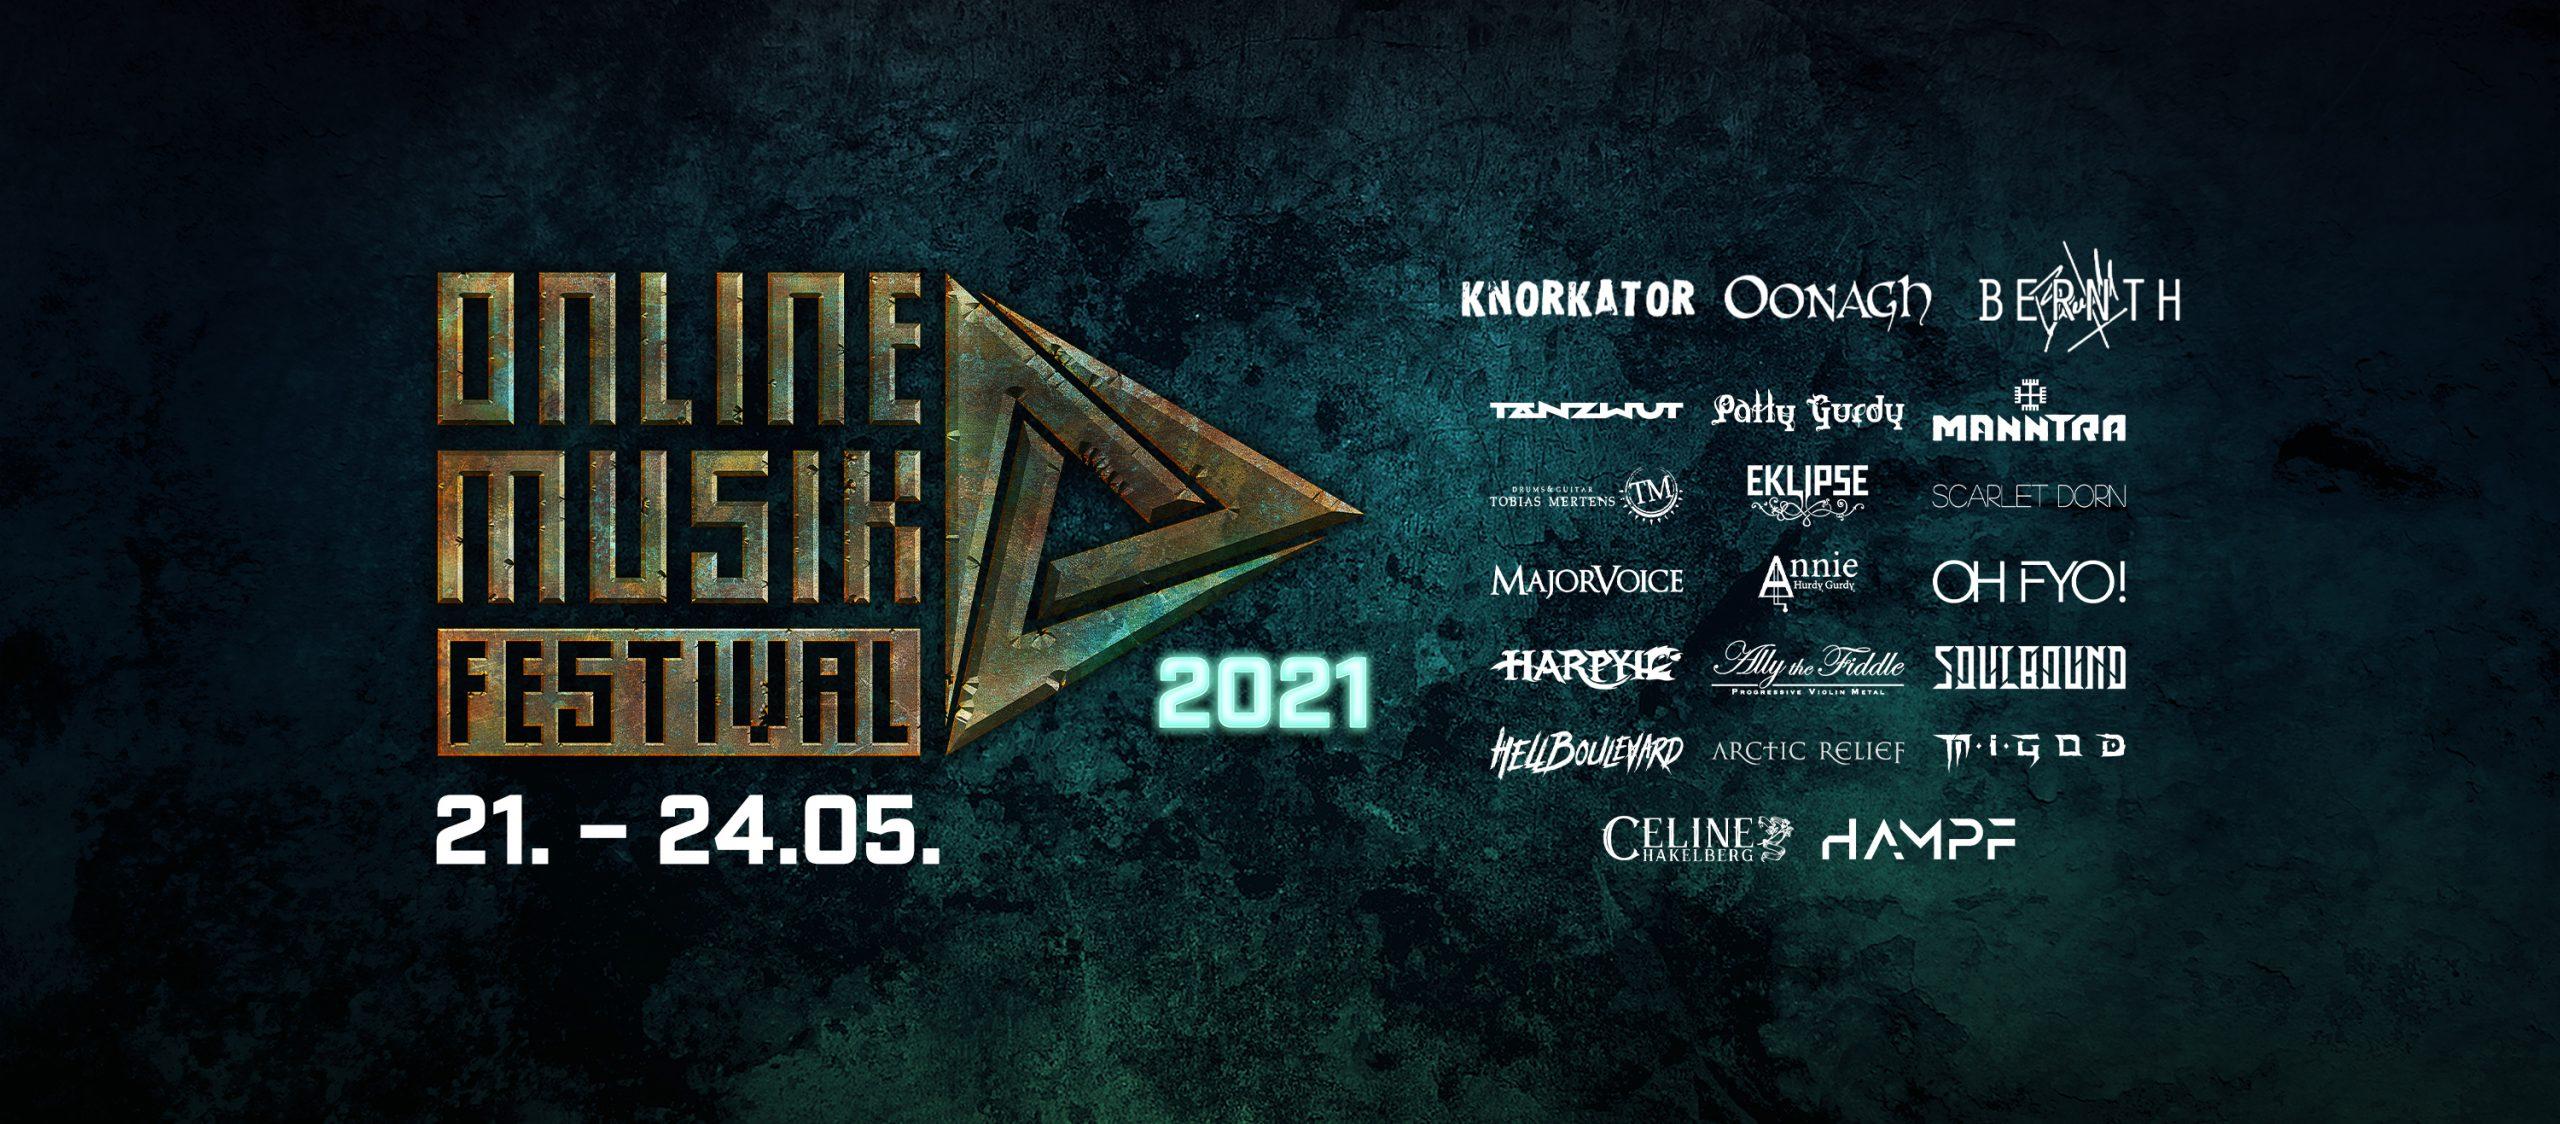 online-musik-festival-21-05-24-05-2021